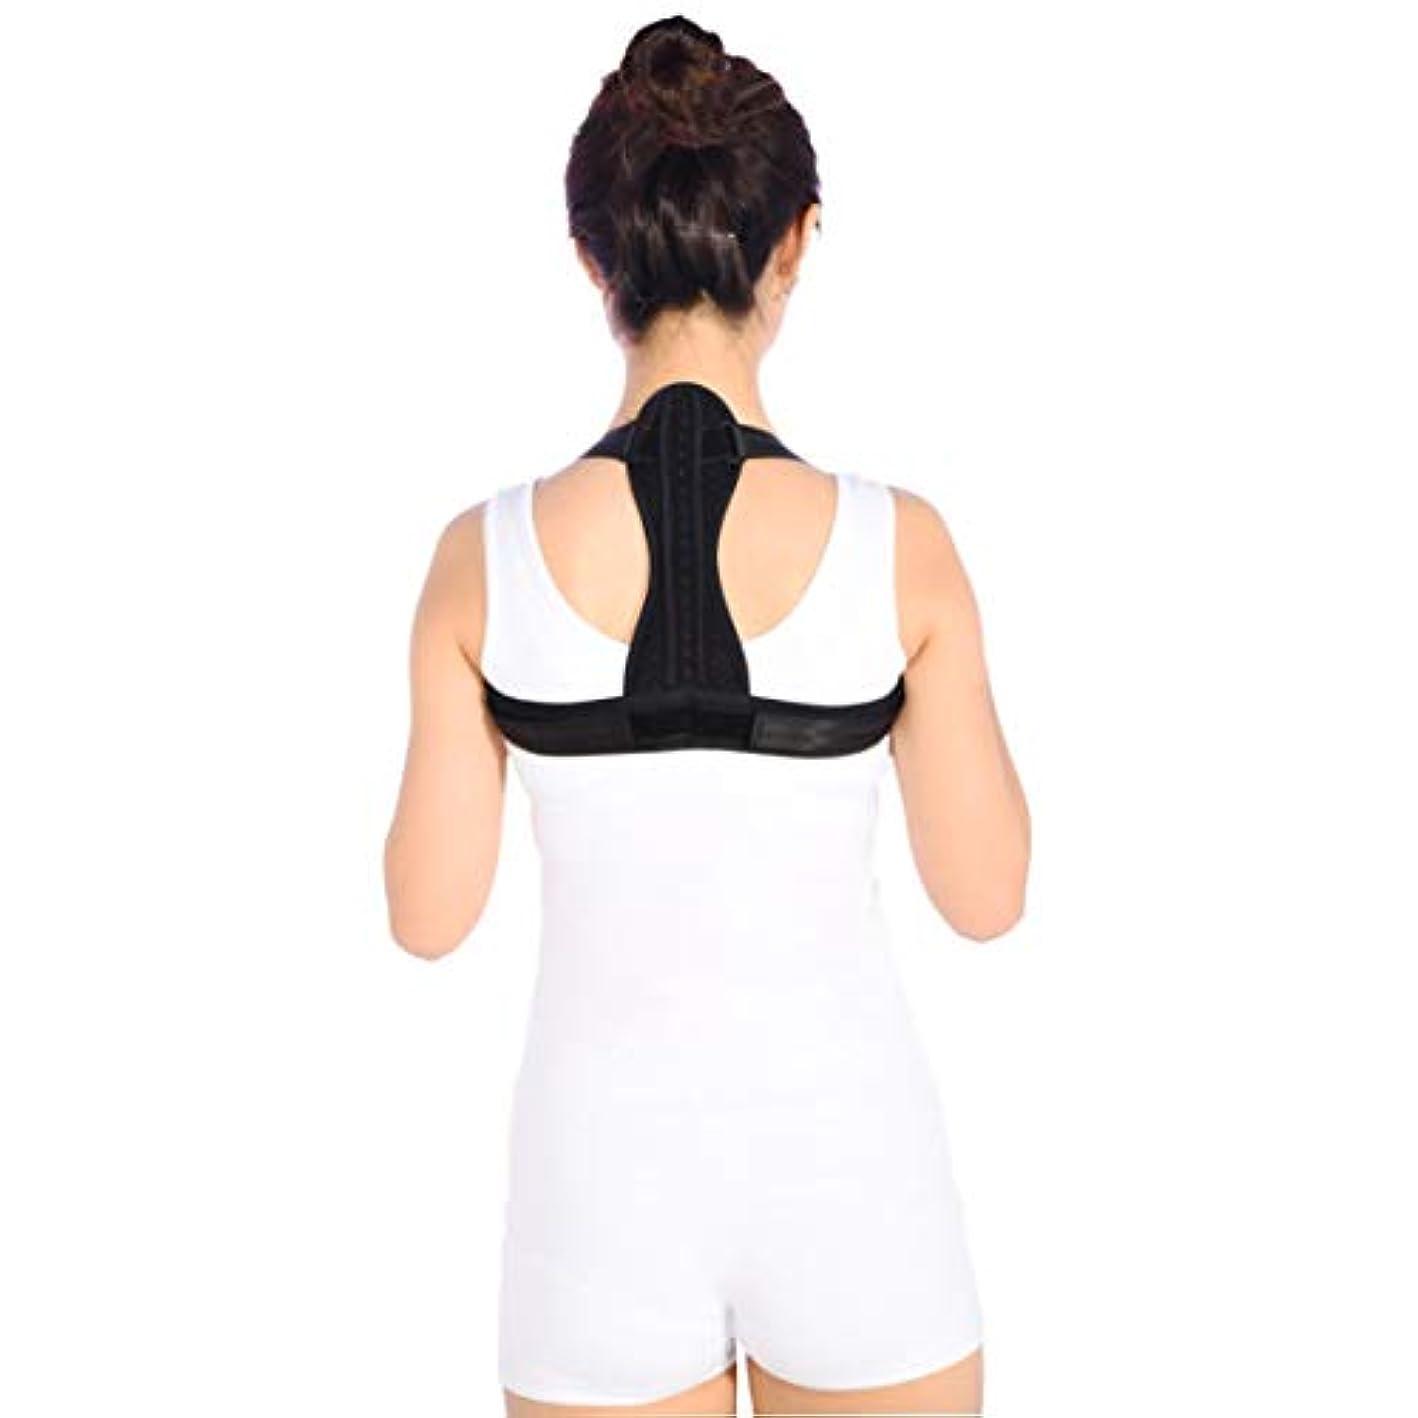 上に共役浴室通気性の脊柱側弯症ザトウクジラ補正ベルト調節可能な快適さ目に見えないベルト男性女性大人学生子供 - 黒